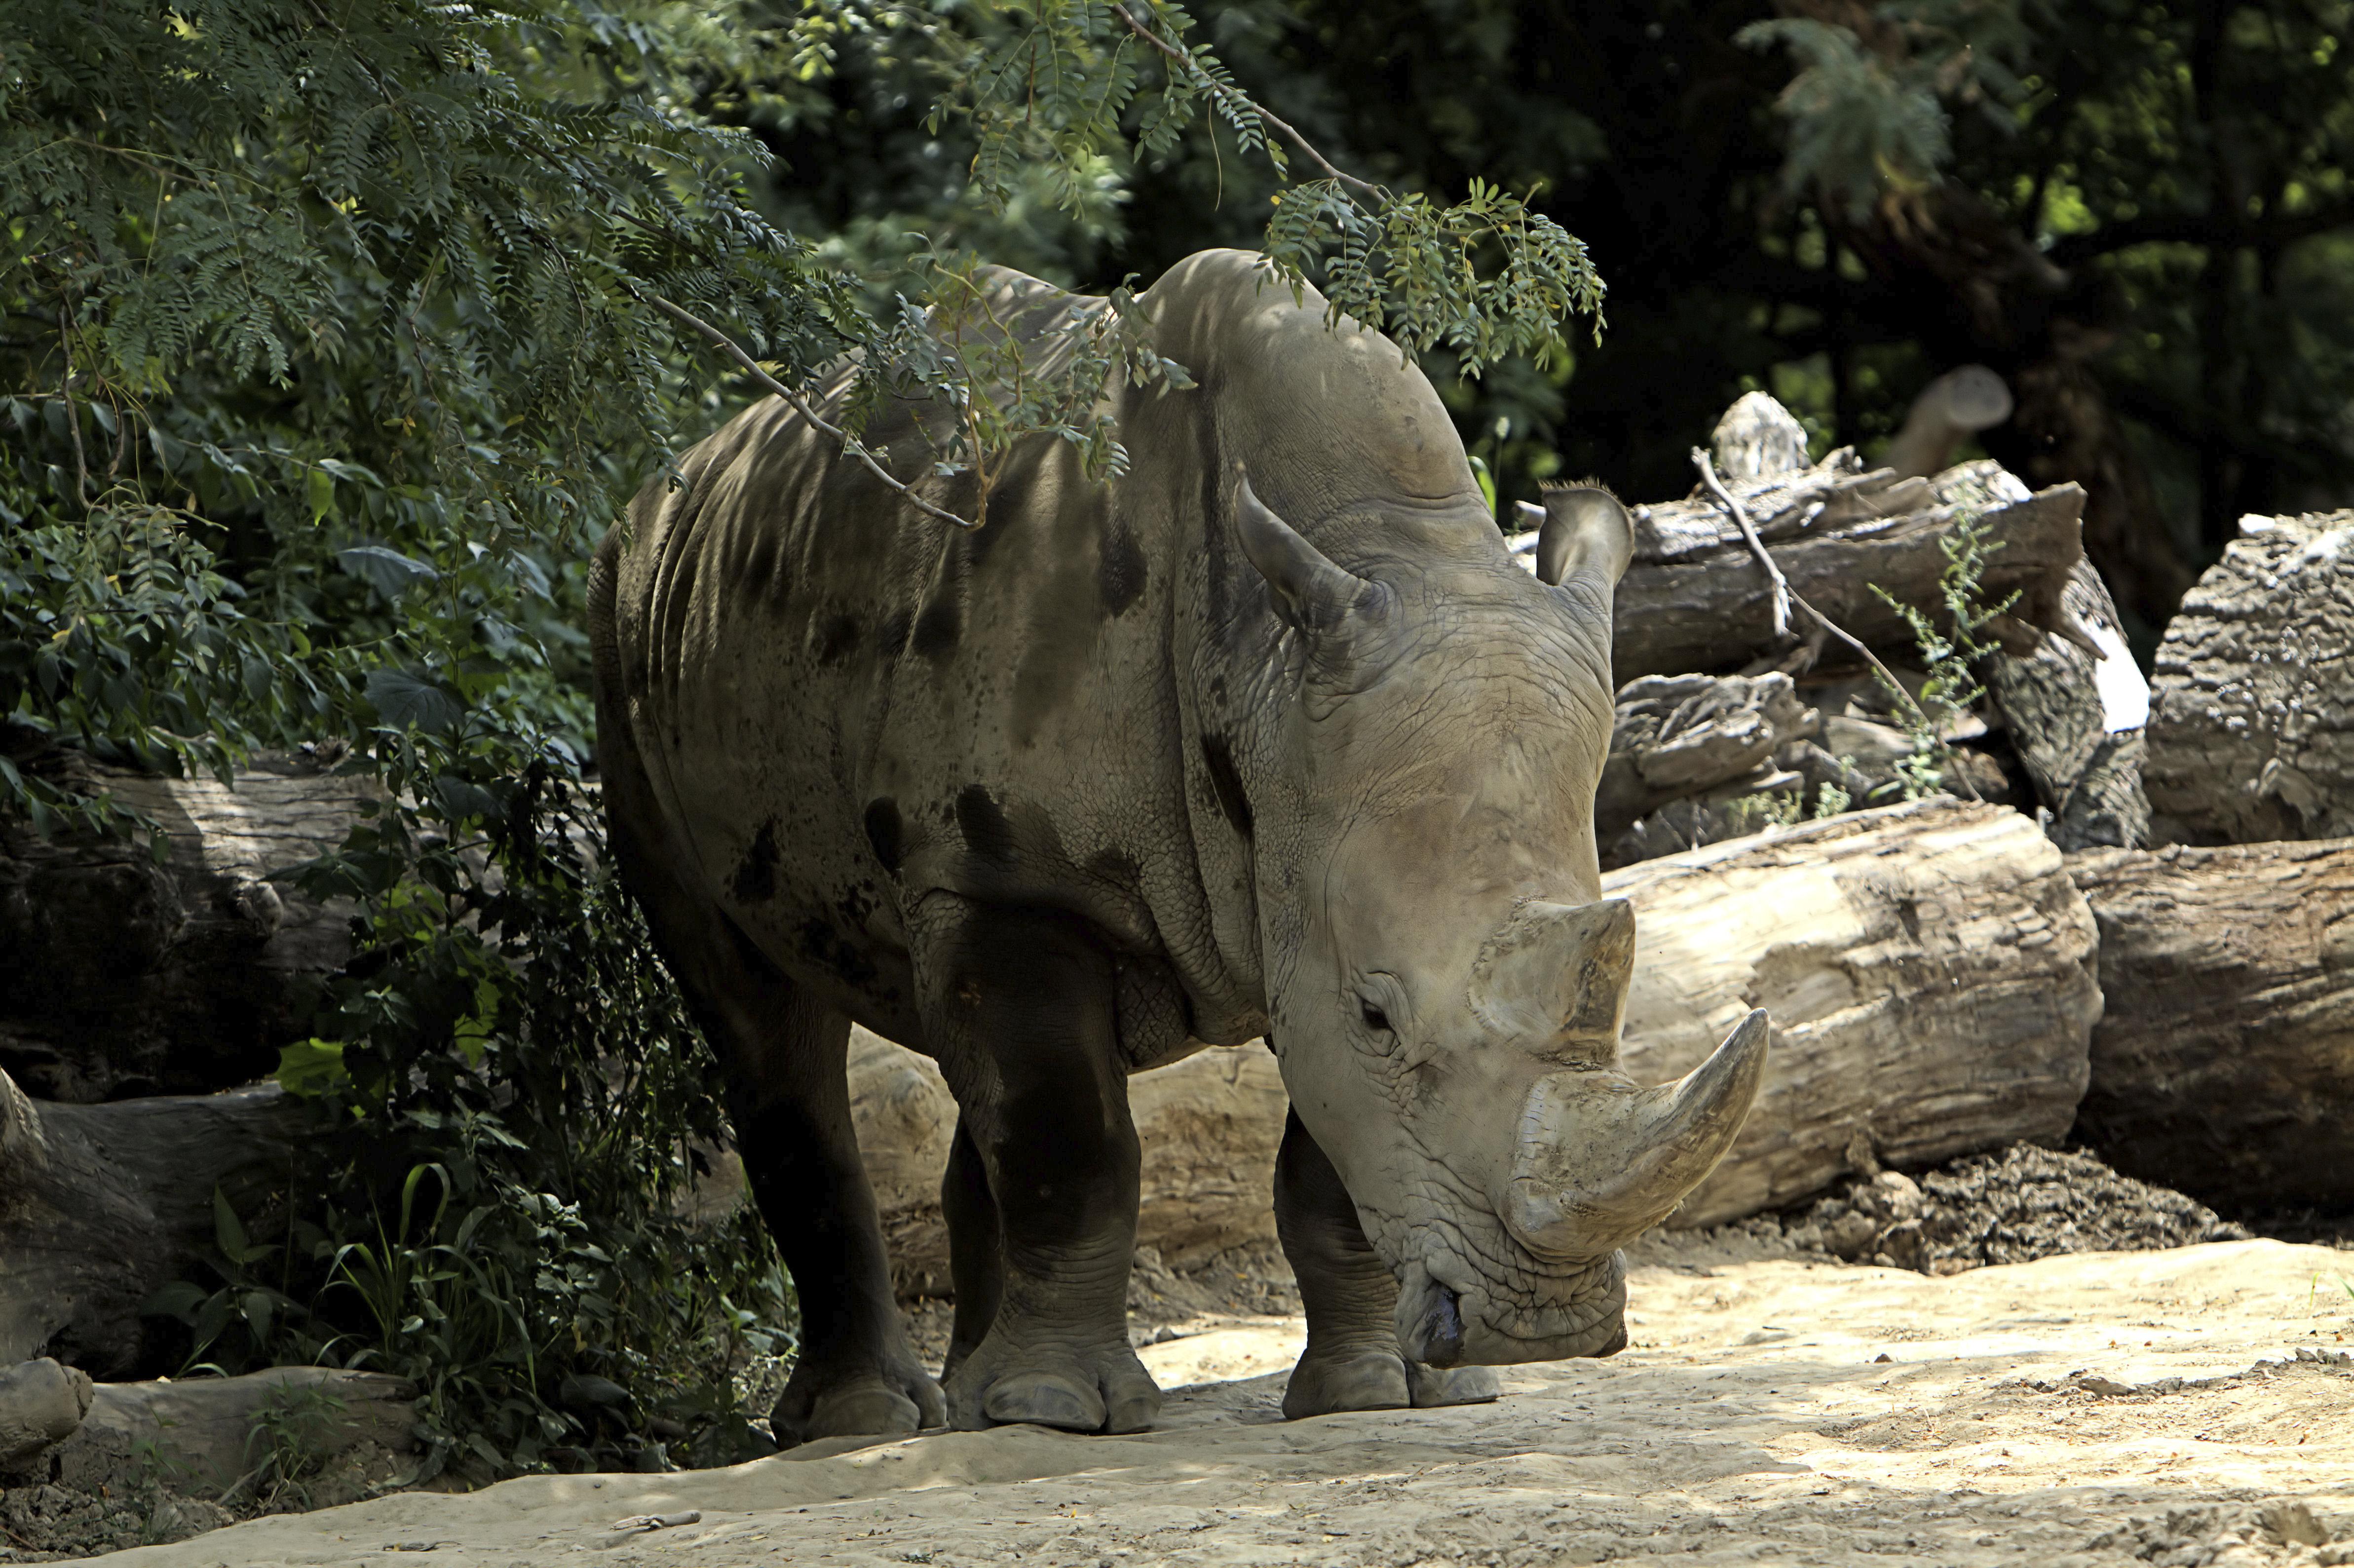 White rhino at Omaha's Henry Doorly Zoo, Nebraska